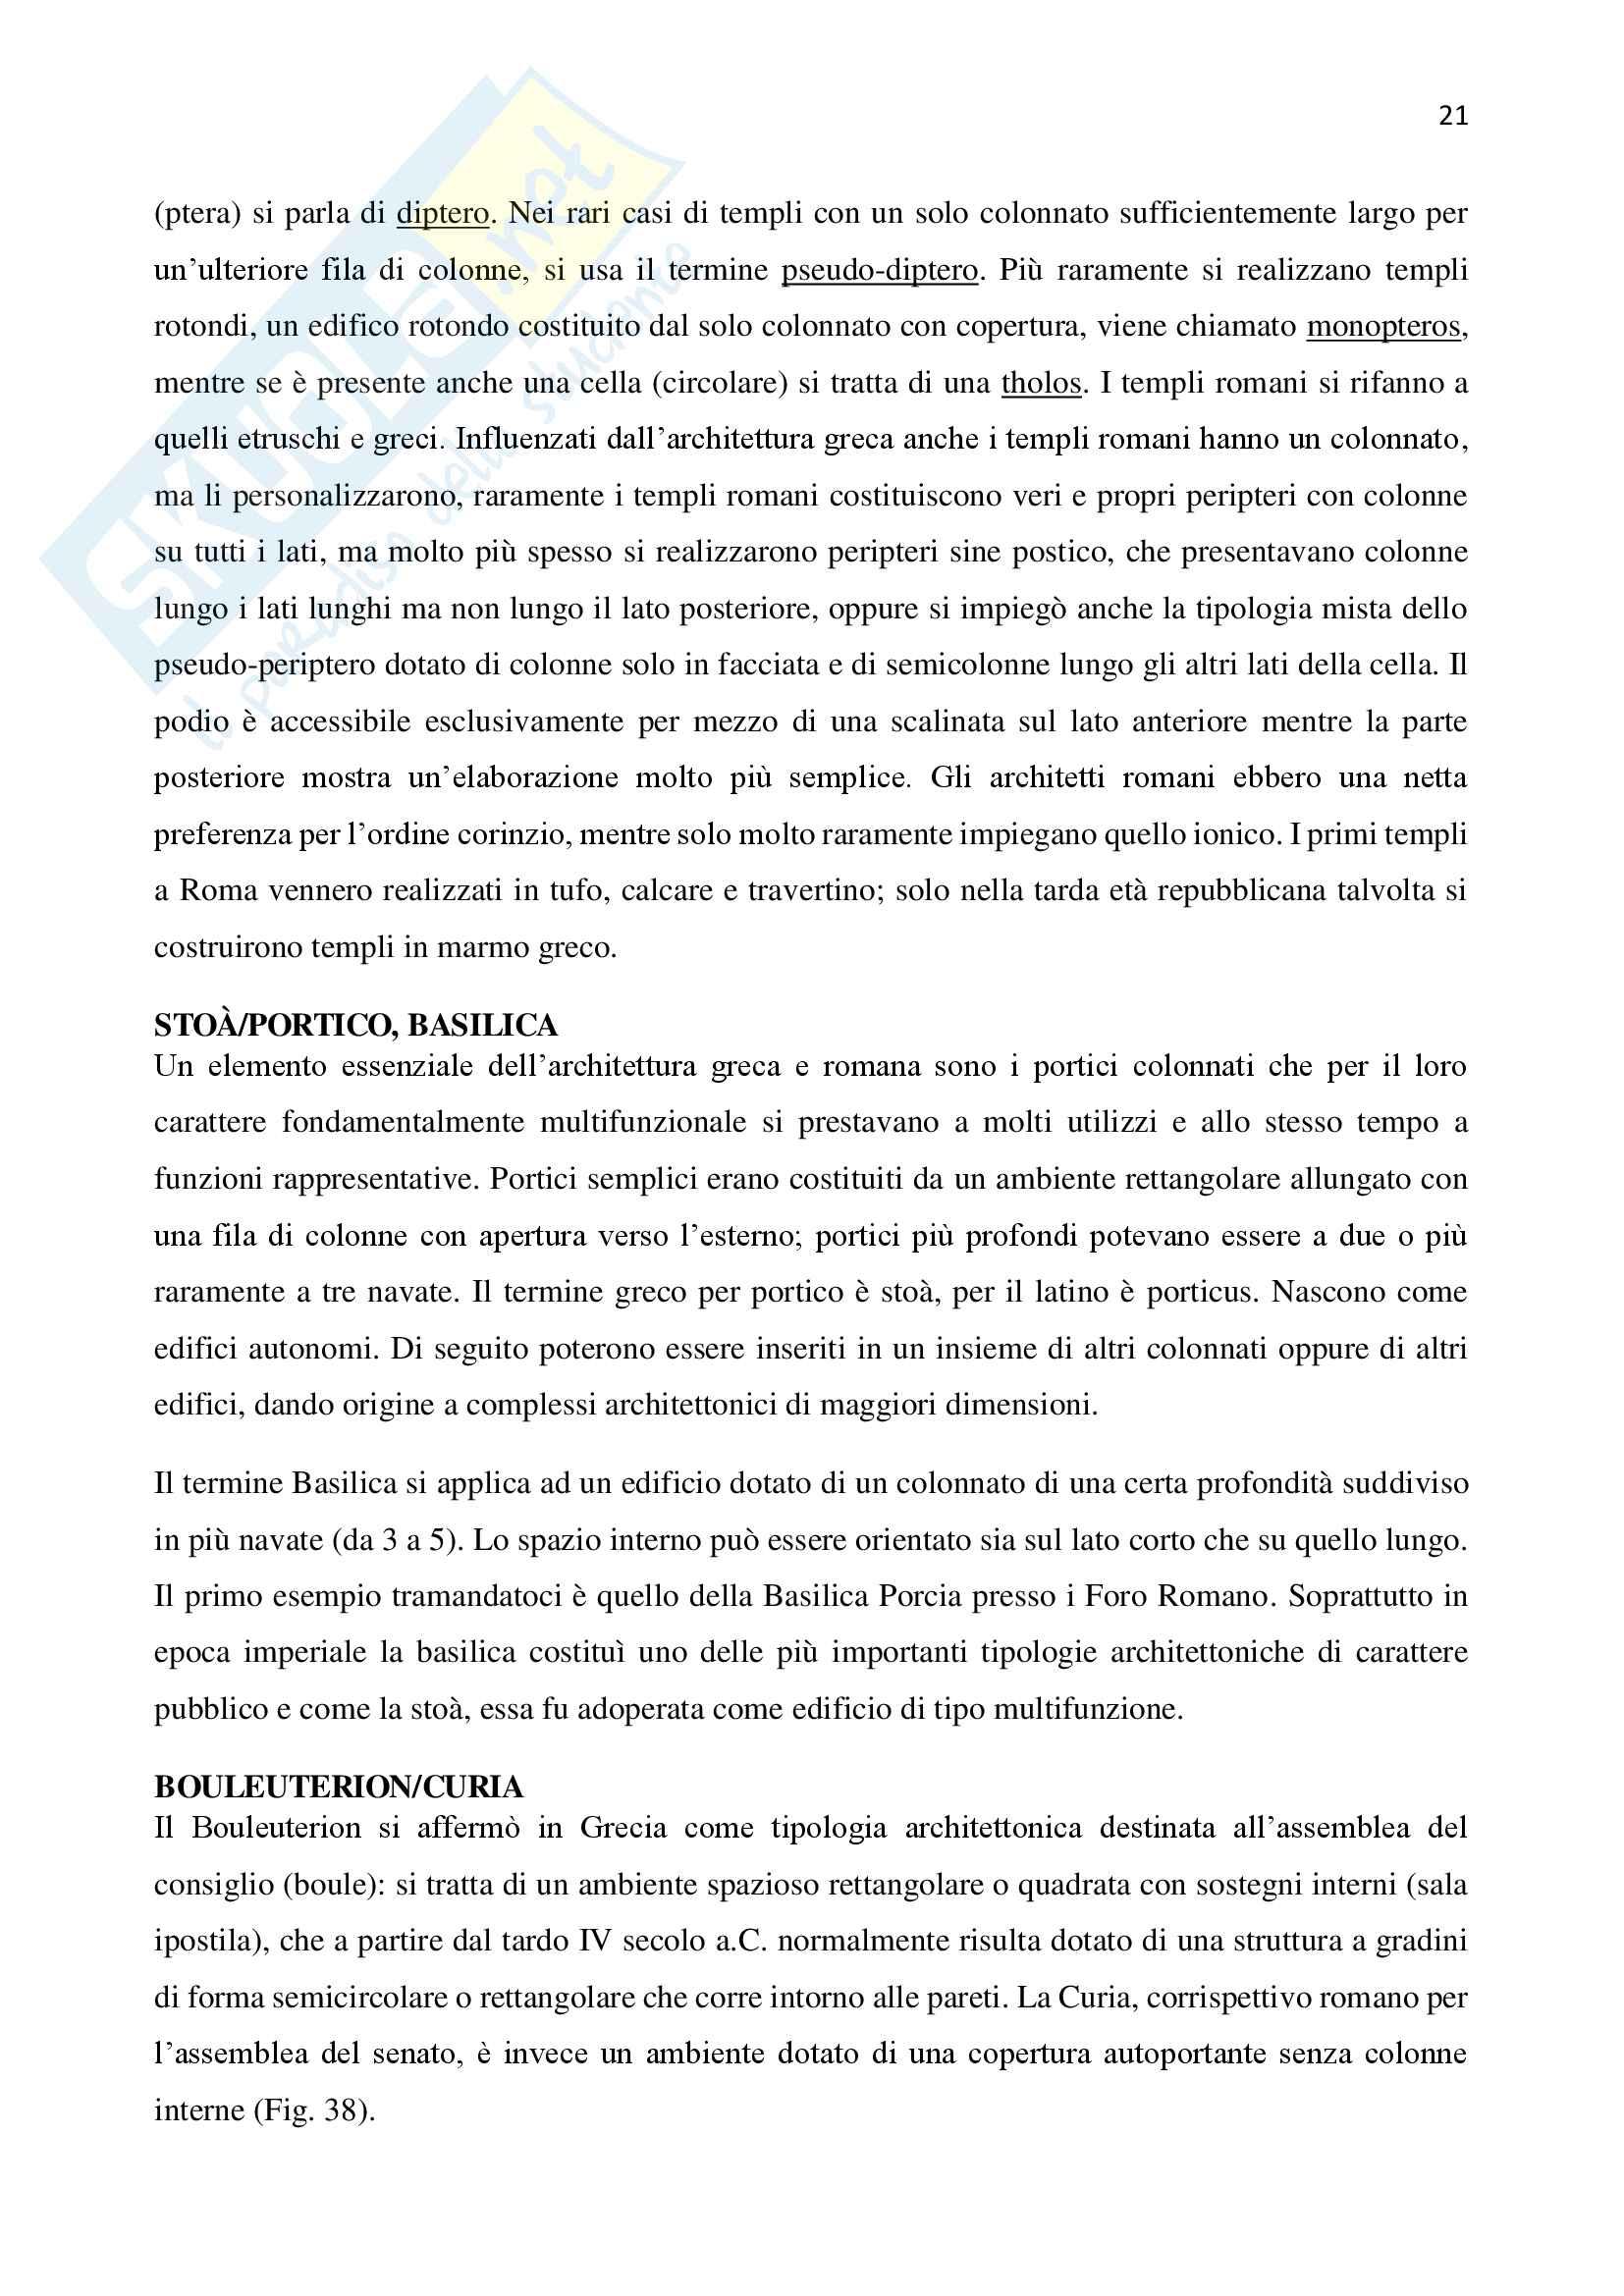 Riassunto esame archeologia greca e romana del professor Lippolis, libro consigliato L'archeologia classica: un'introduzione a cura di Tonio Hölscher Pag. 21